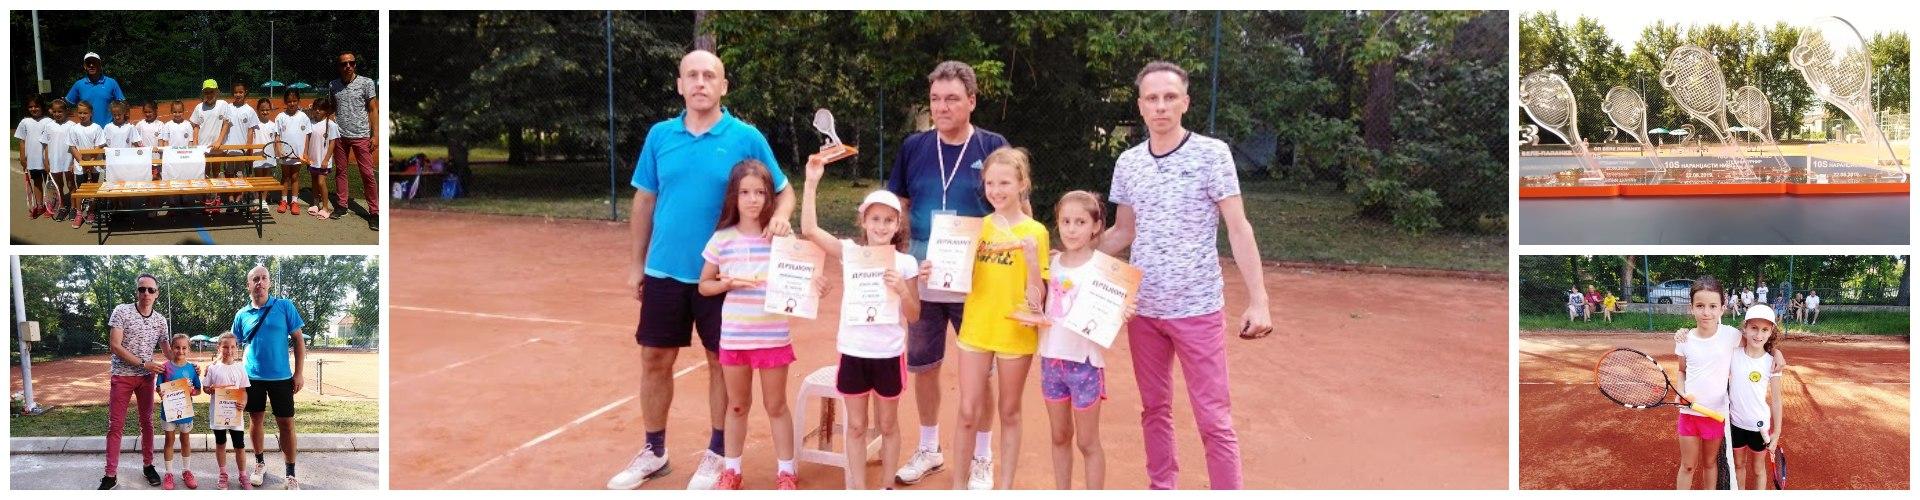 Kolev Ivi pobednički pehar na OP Bele Palanke za devojčice do 10 godina - narandžasti nivo